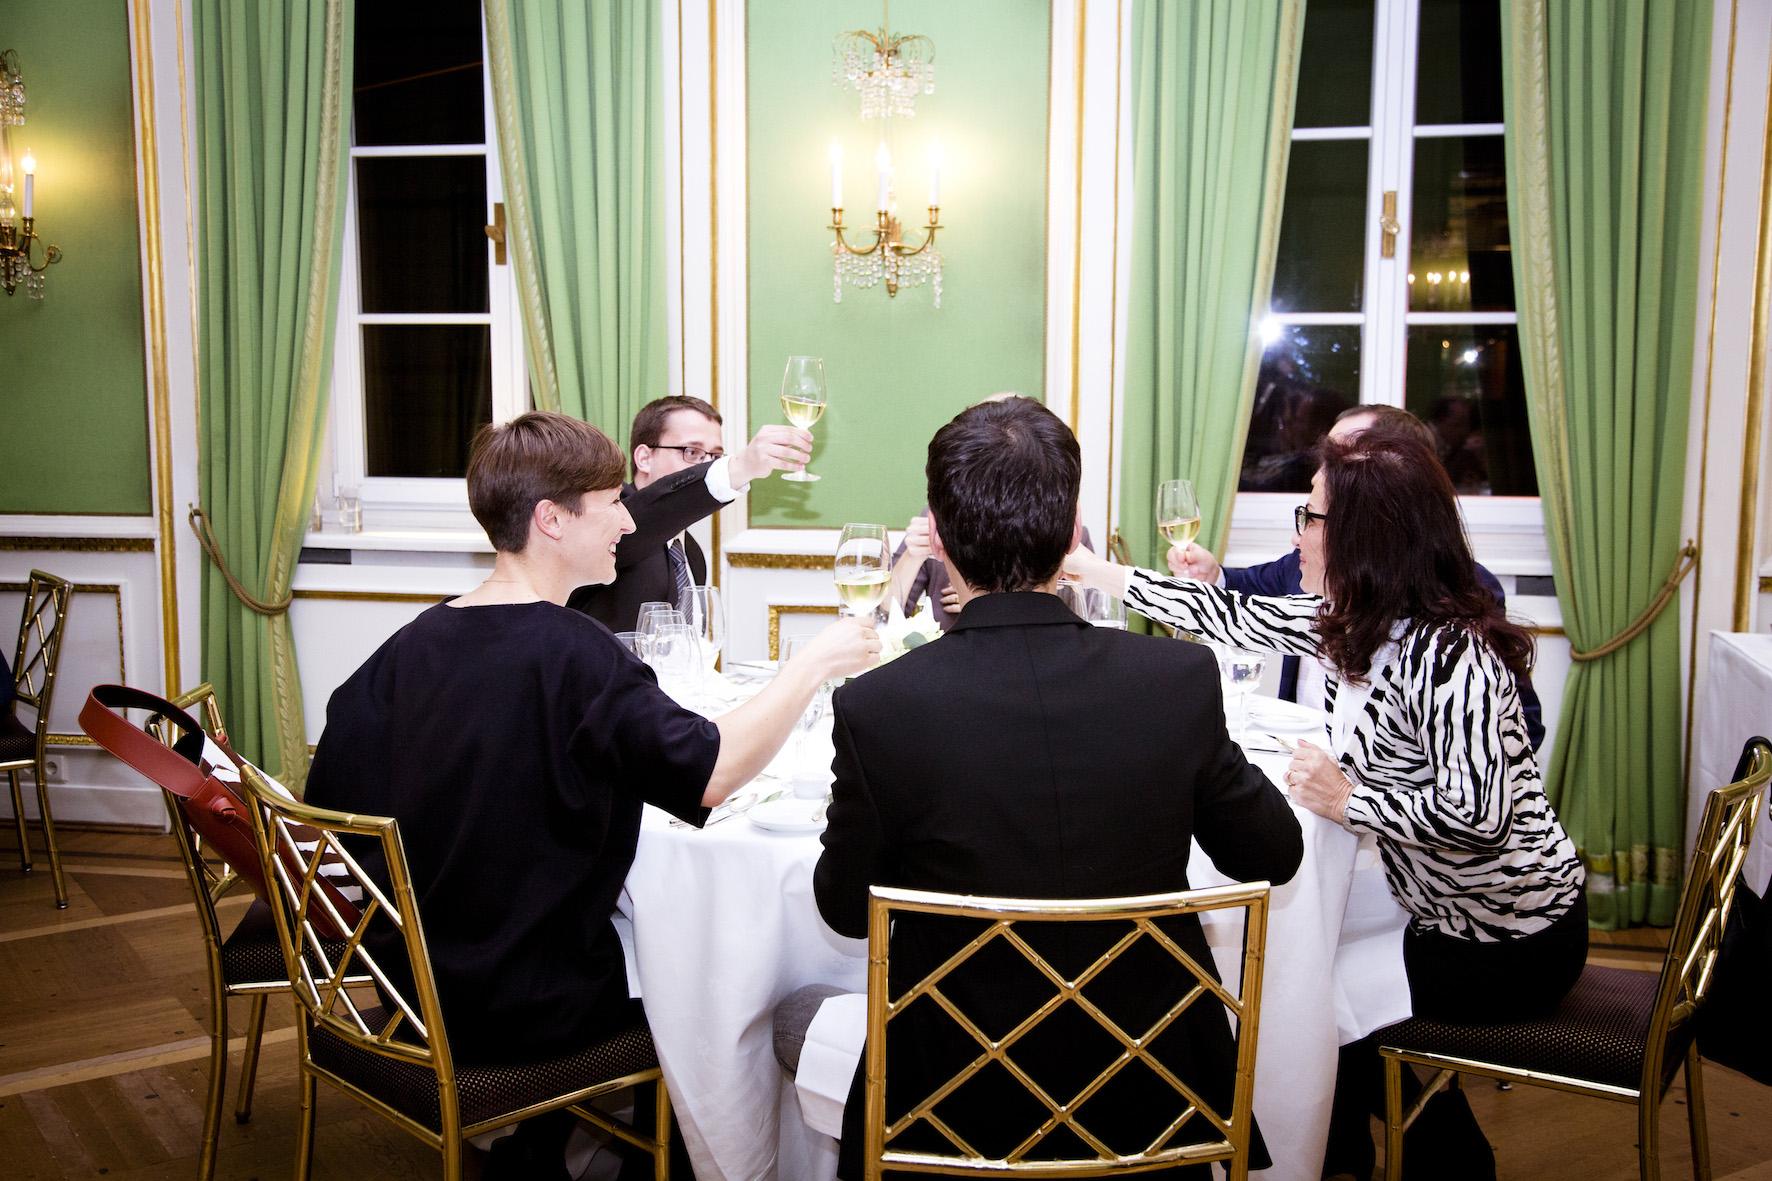 Event Networks plan A Cook & Cross 2015, Von der Erfindung der Zeit München Bayerischer Hof Moritz Grossmann Uhrenmacherin Christine Hutter